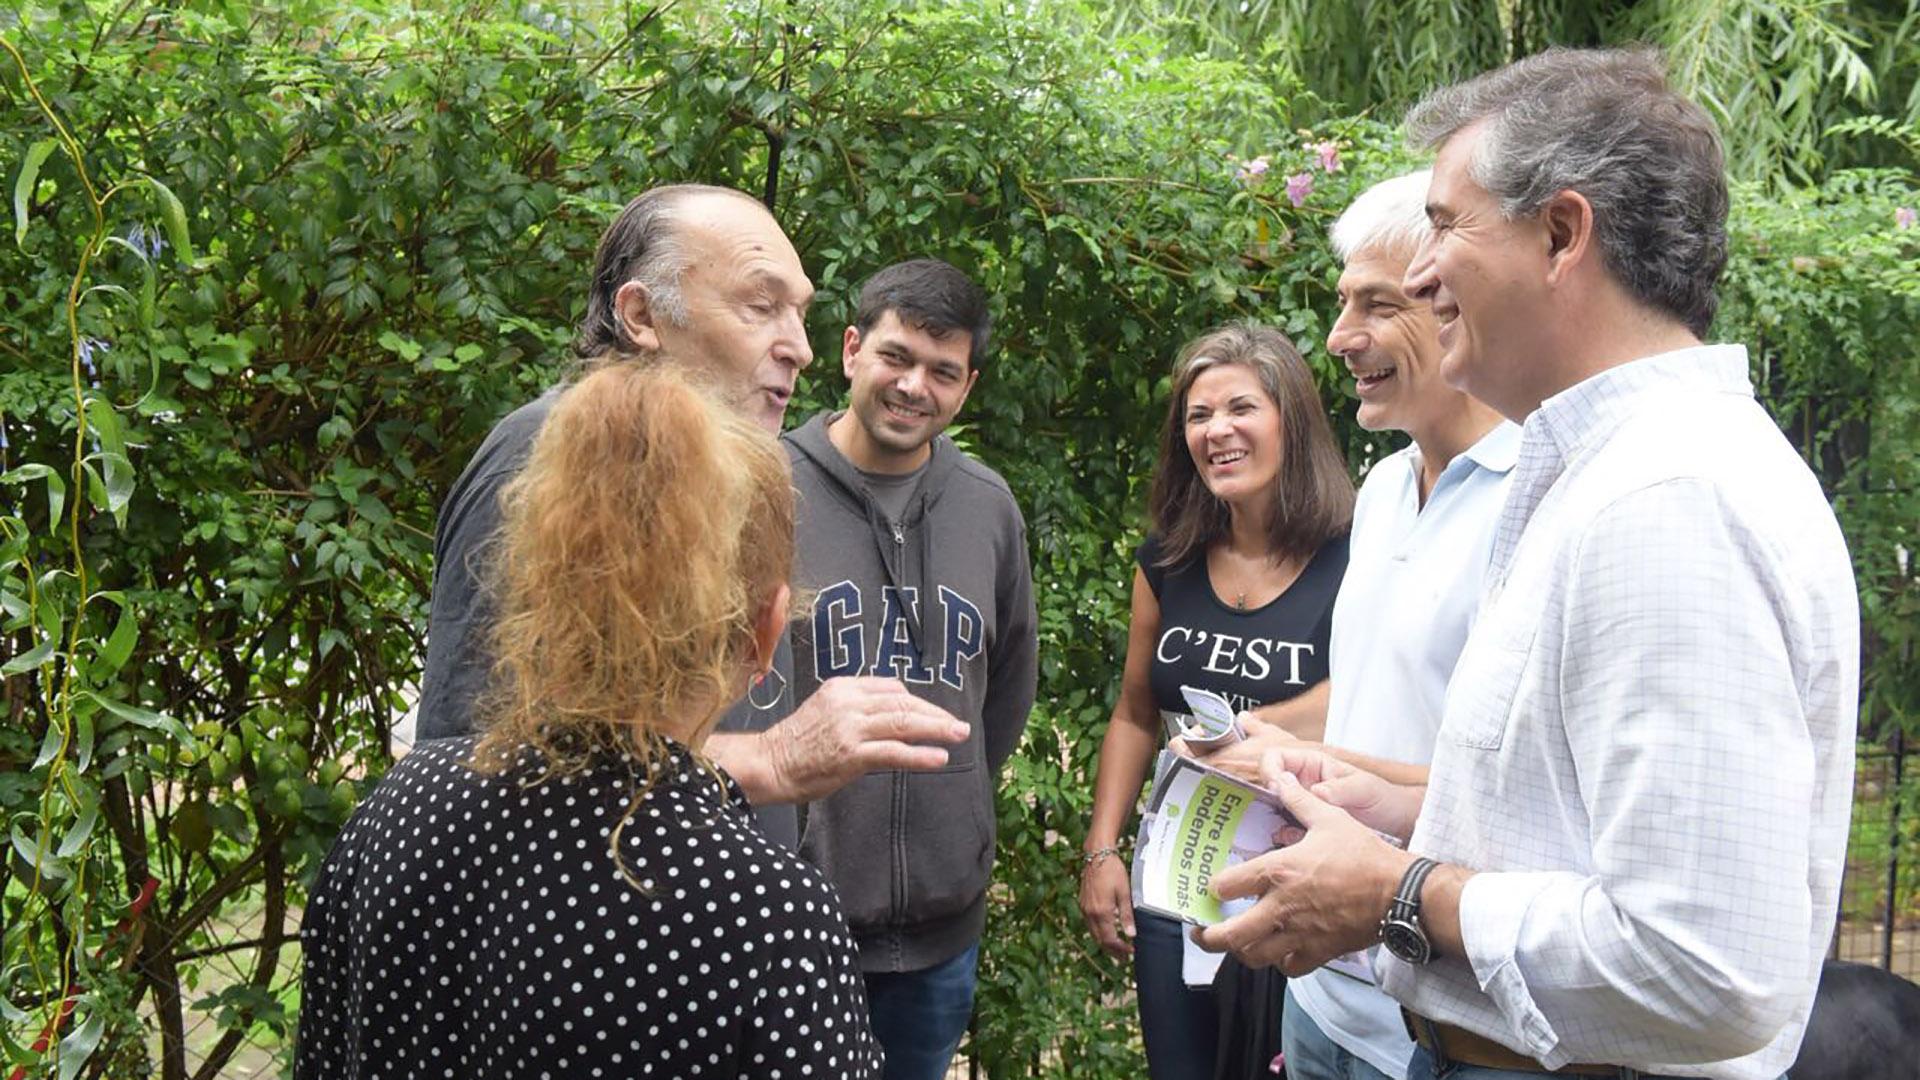 El ministro de Agroindustria de la Nación, Luis Miguel Etchevehere, junto al titular de Trenes Argentinos, Guillermo Fiad, conversaron con vecinos de Berazategui.